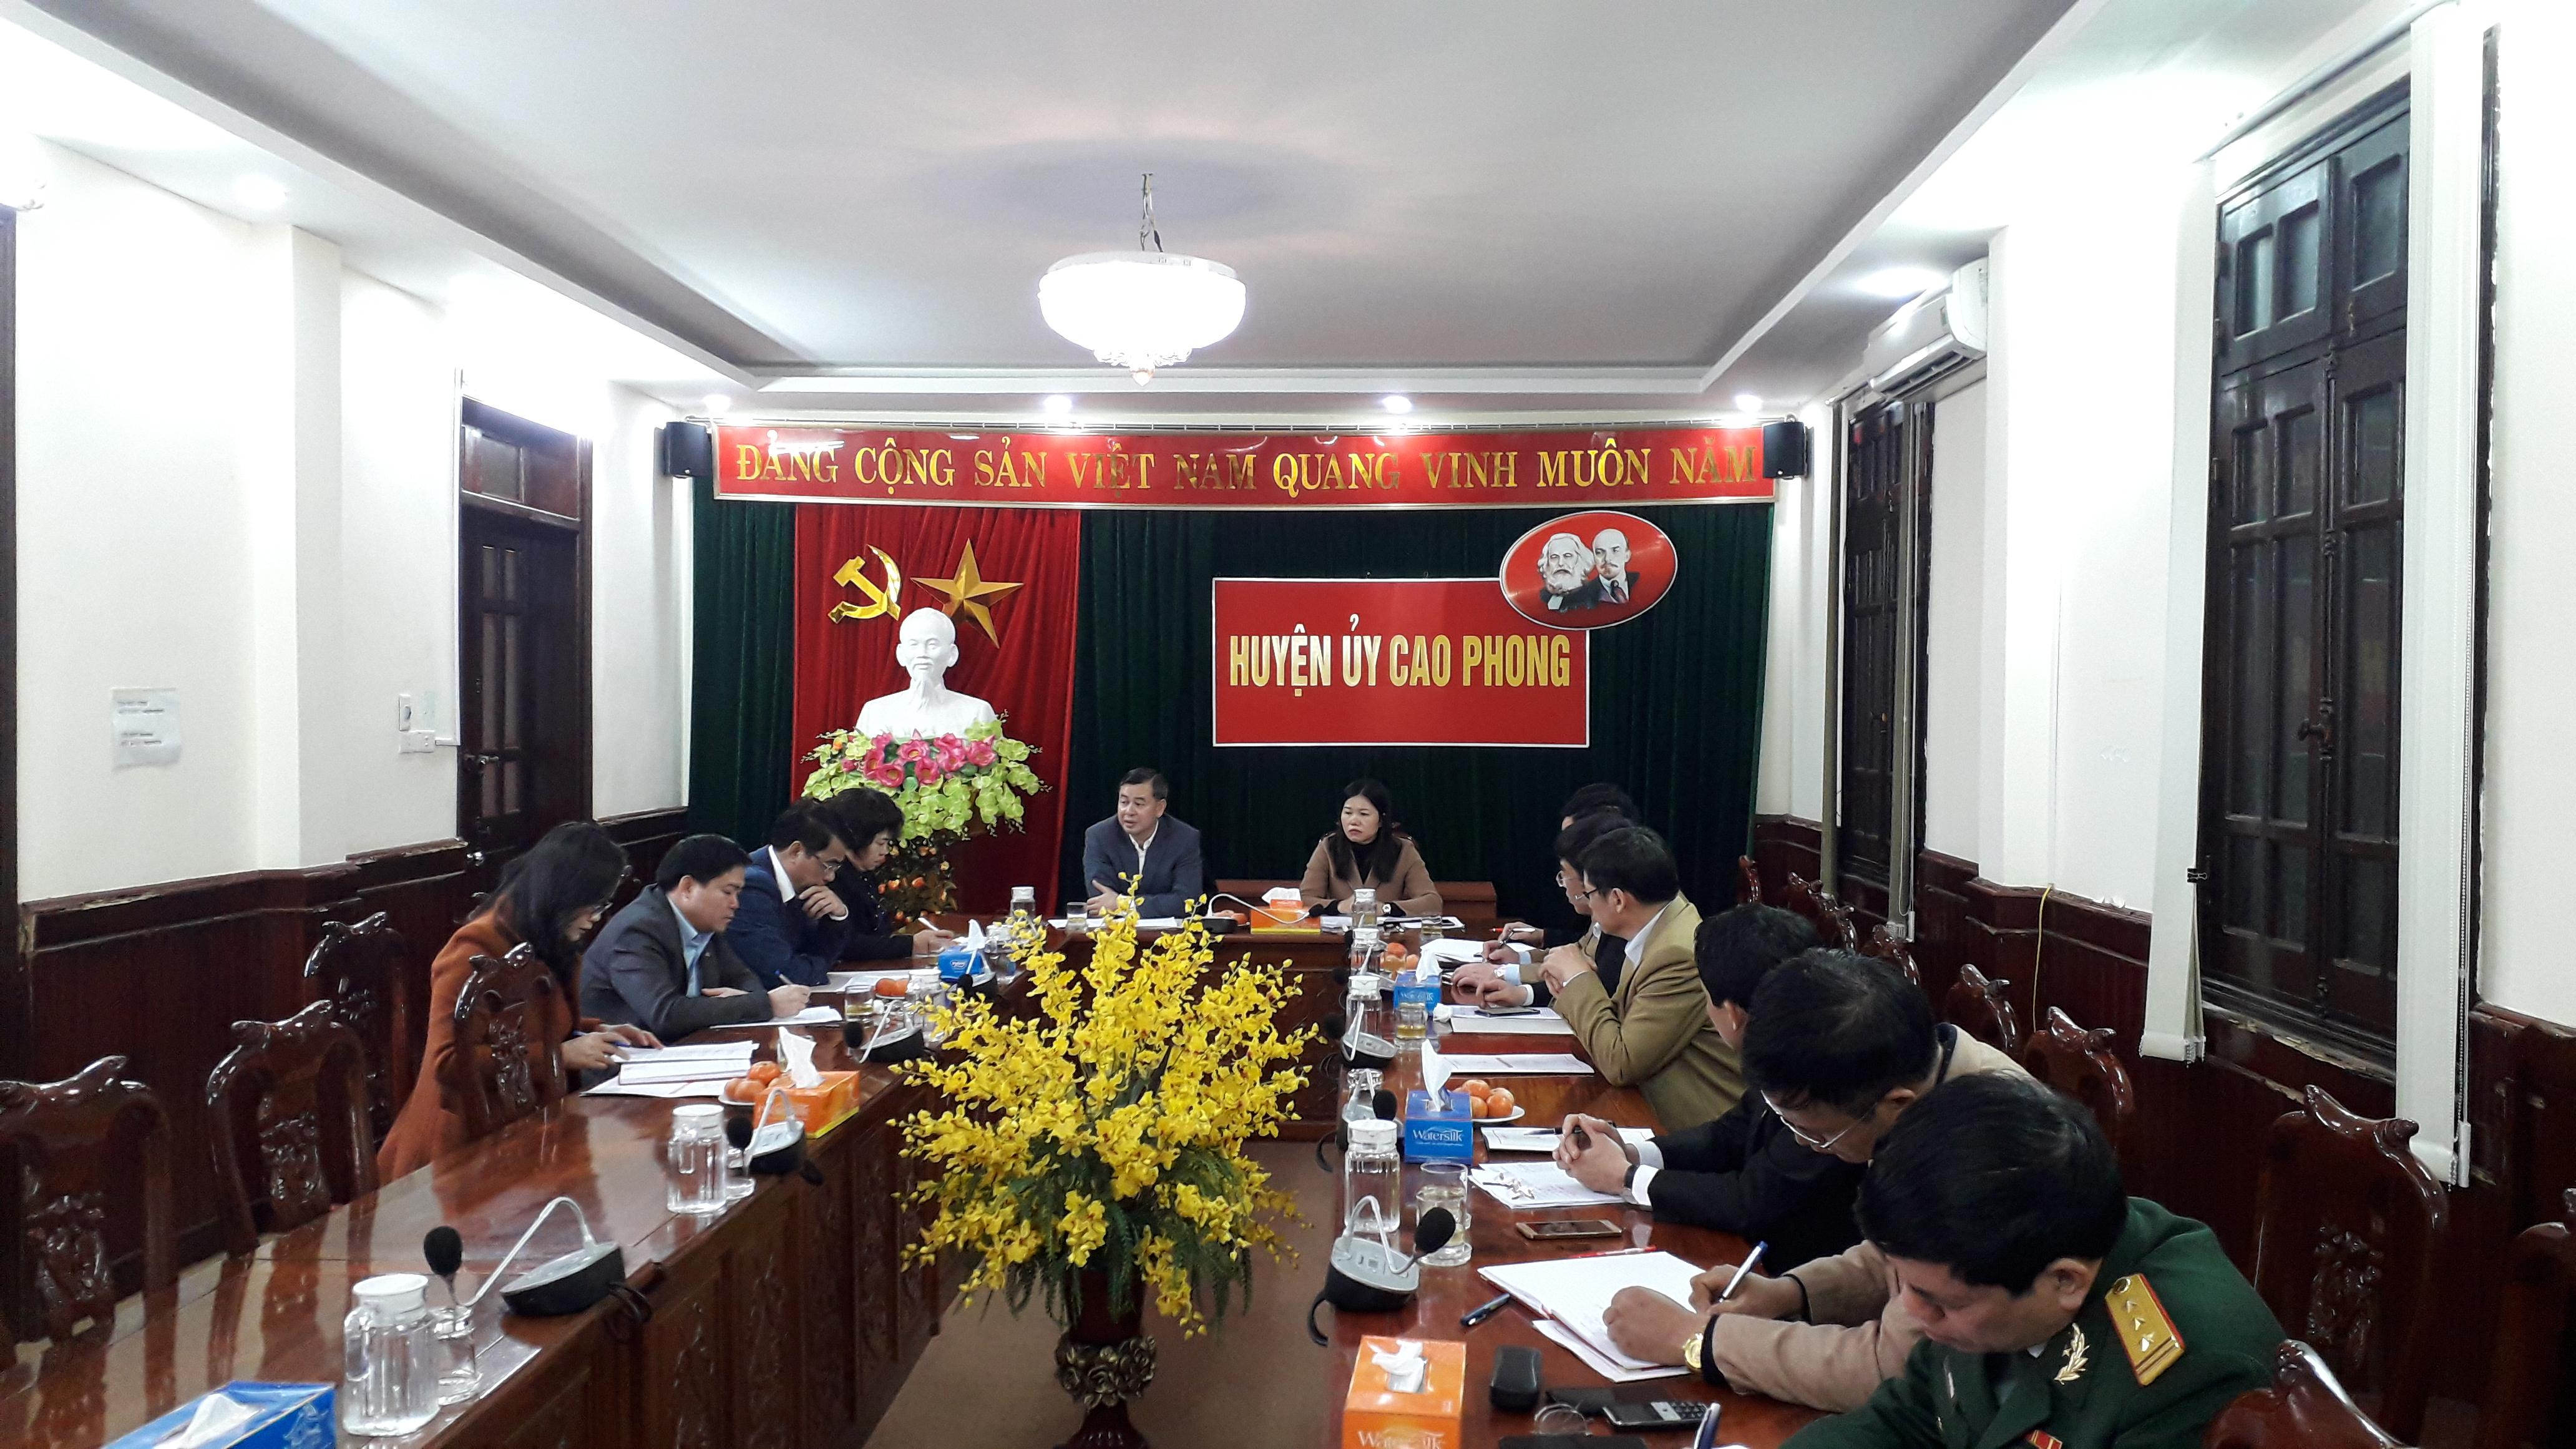 Đồng chí Phó bí thư tỉnh ủy làm việc với thường vụ huyện ủy